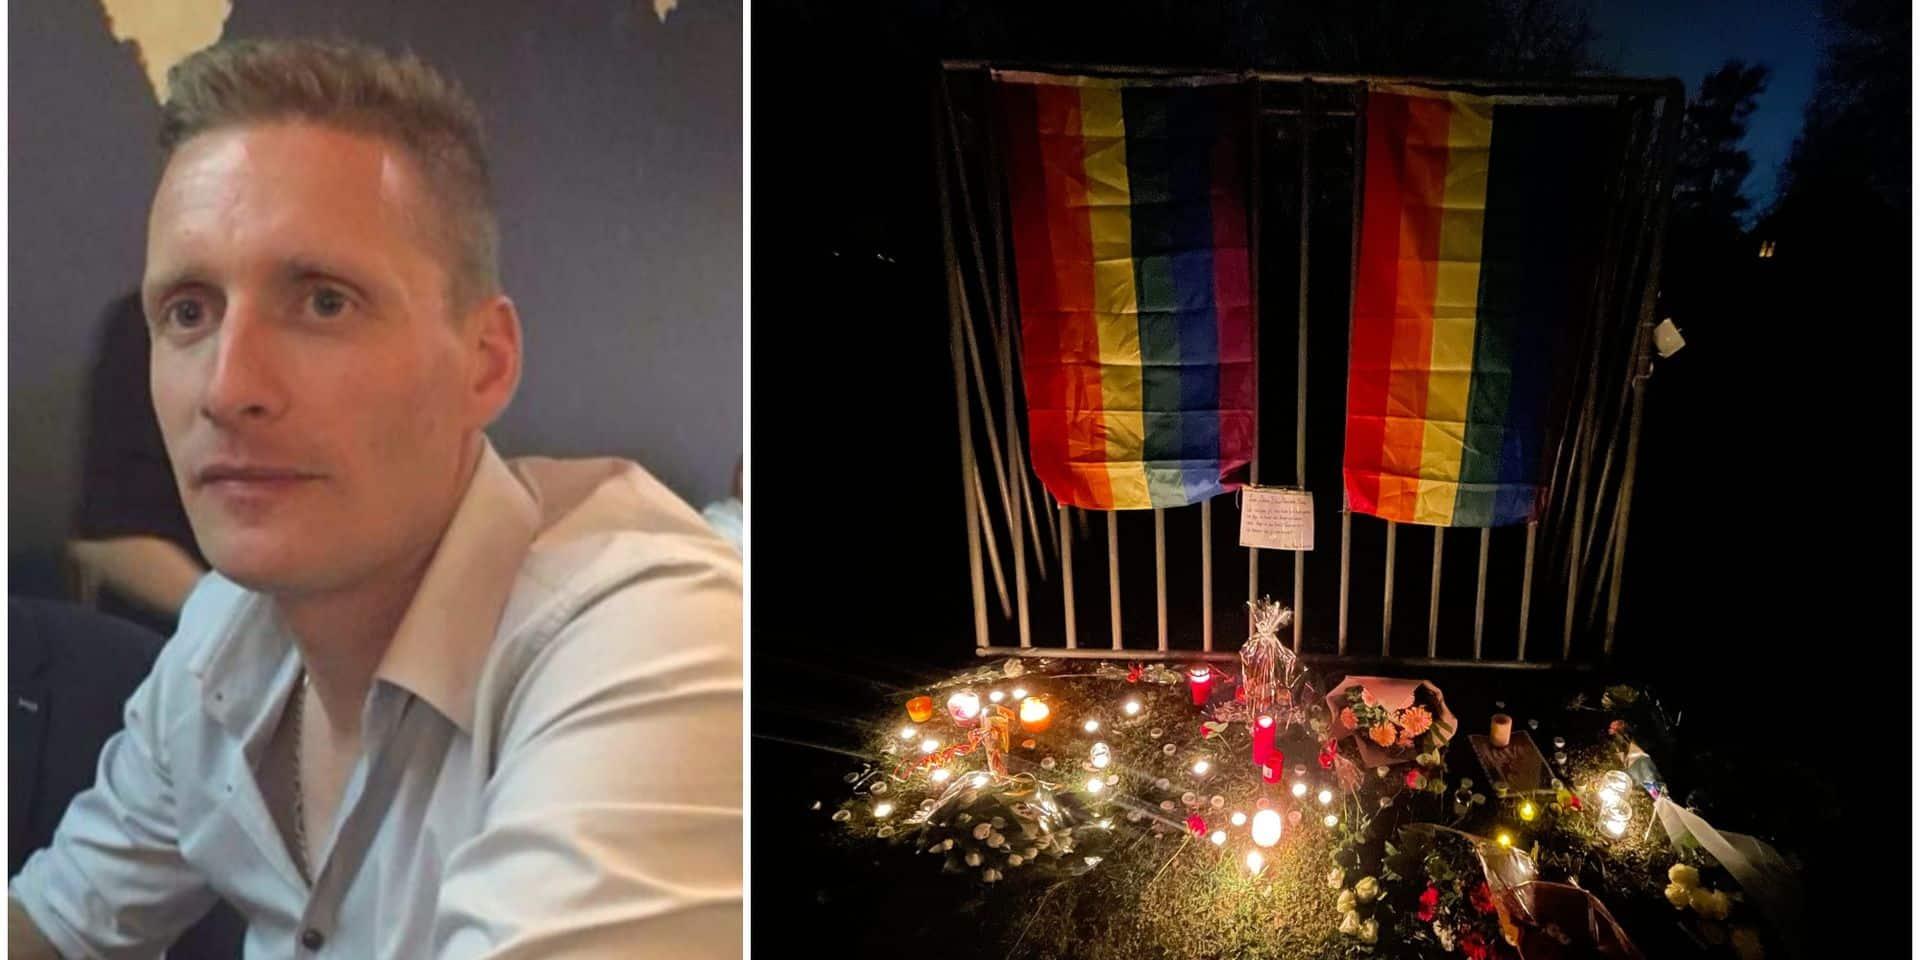 Meurtre présumé homophobe à Beveren: l'un des suspects s'est évadé de son institution